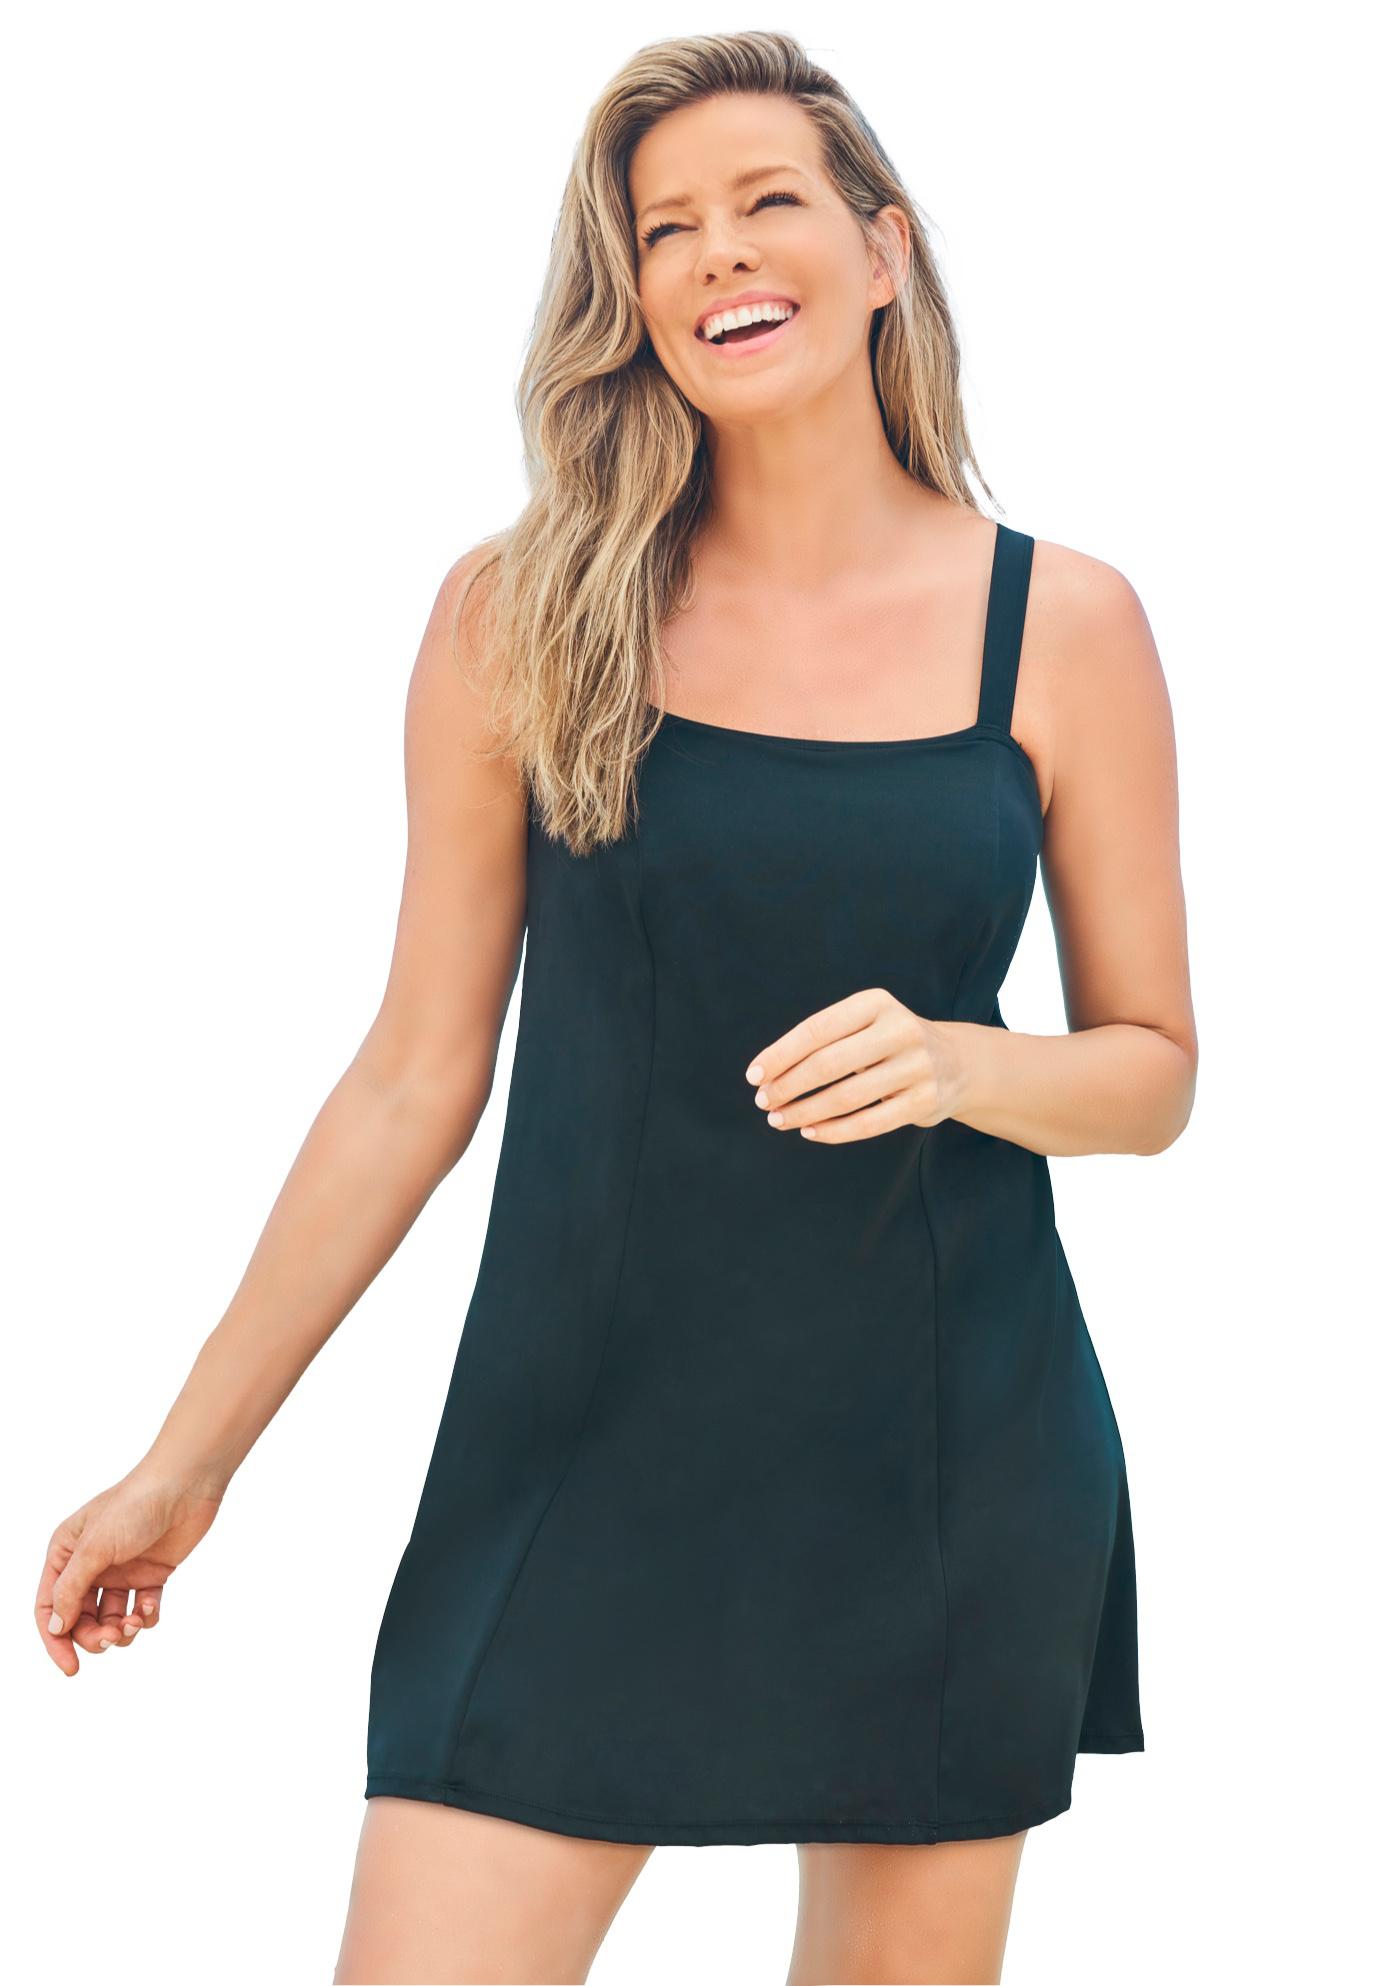 Plus Size Women's Princess-Seam Swim Dress by Swim 365 in Black